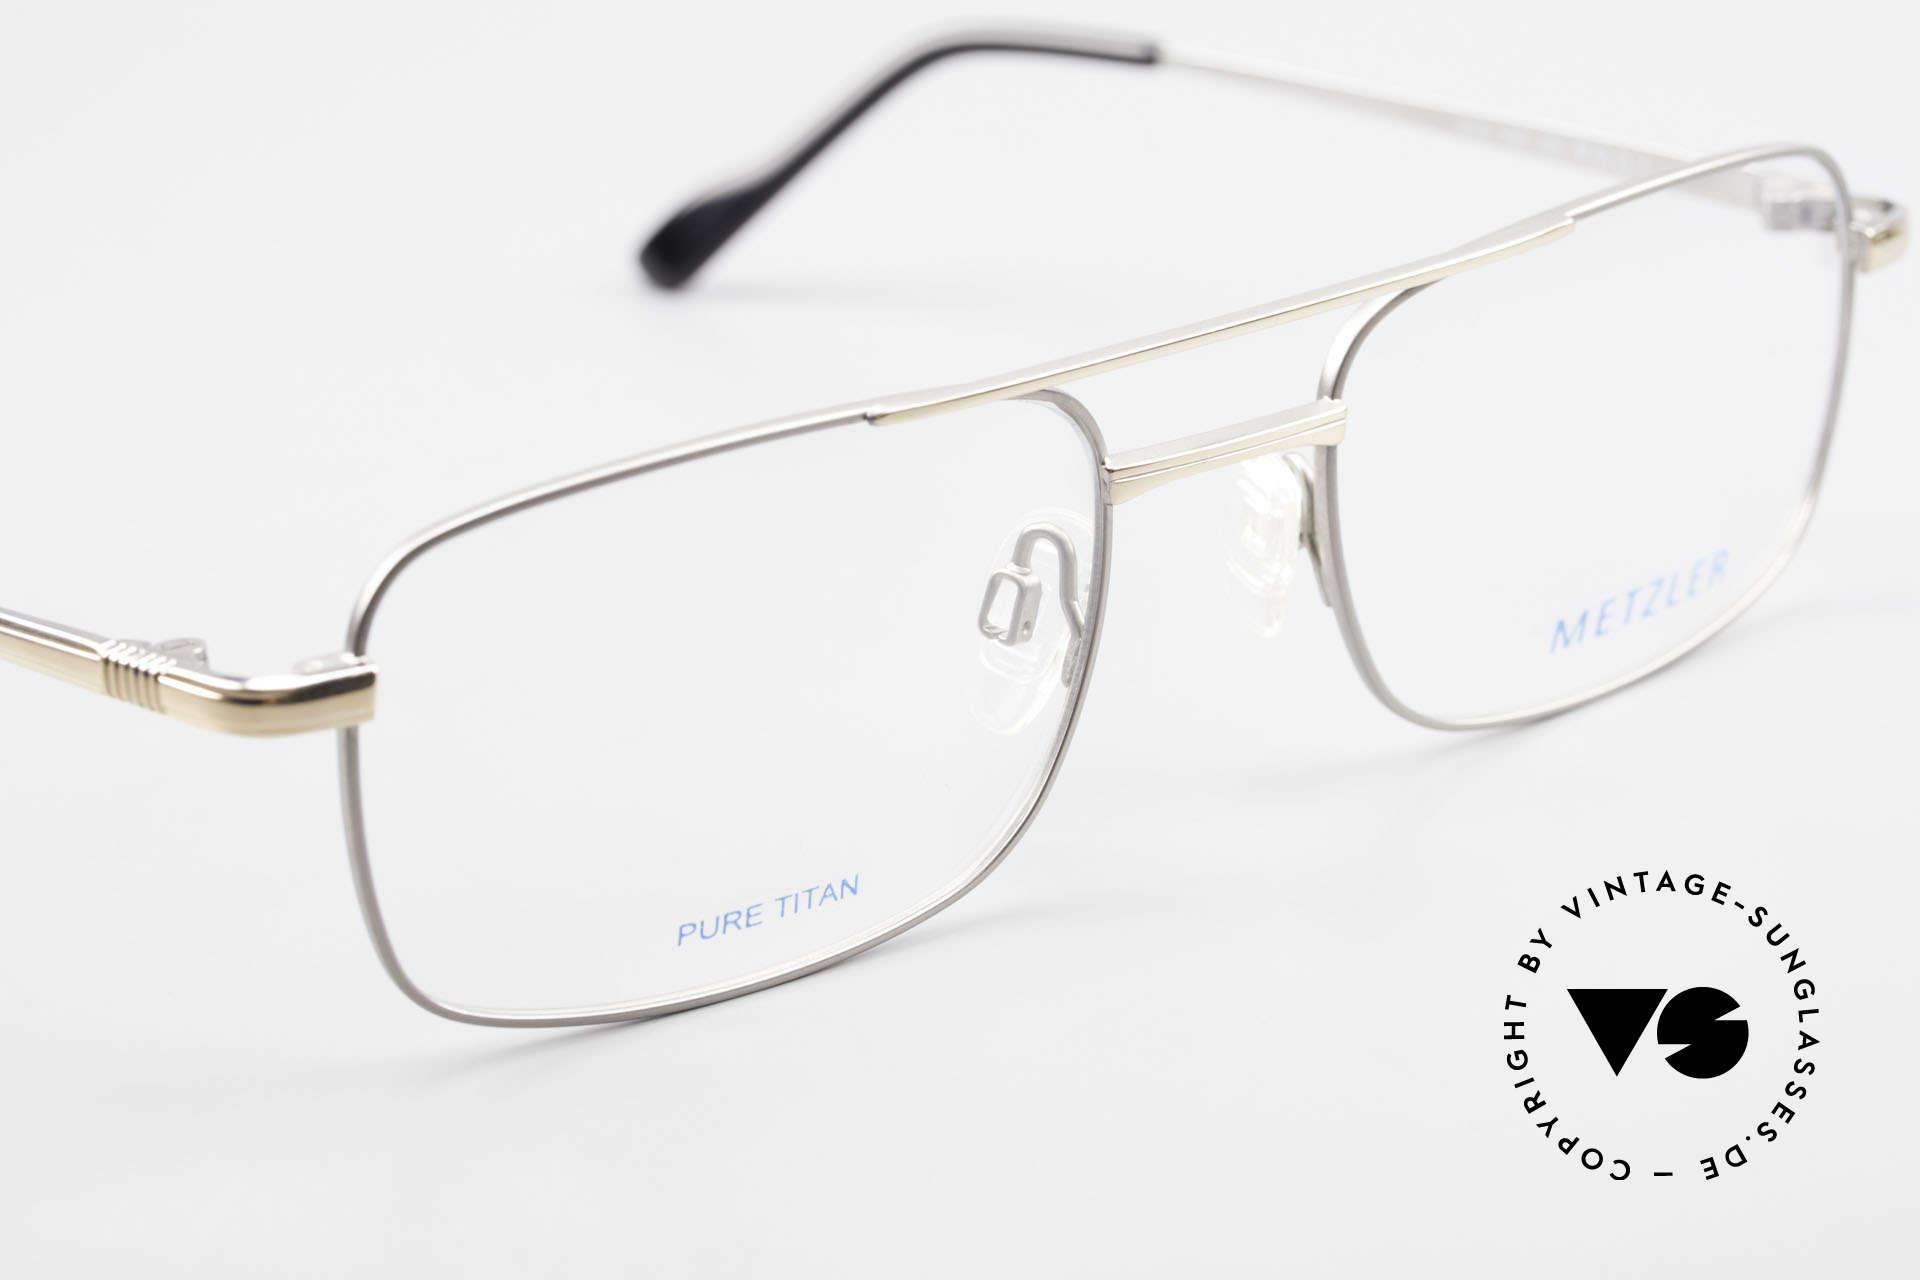 Metzler 1680 90's Titan Eyeglasses For Men, NO RETRO eyewear, but a 30 years old ORIGINAL!, Made for Men